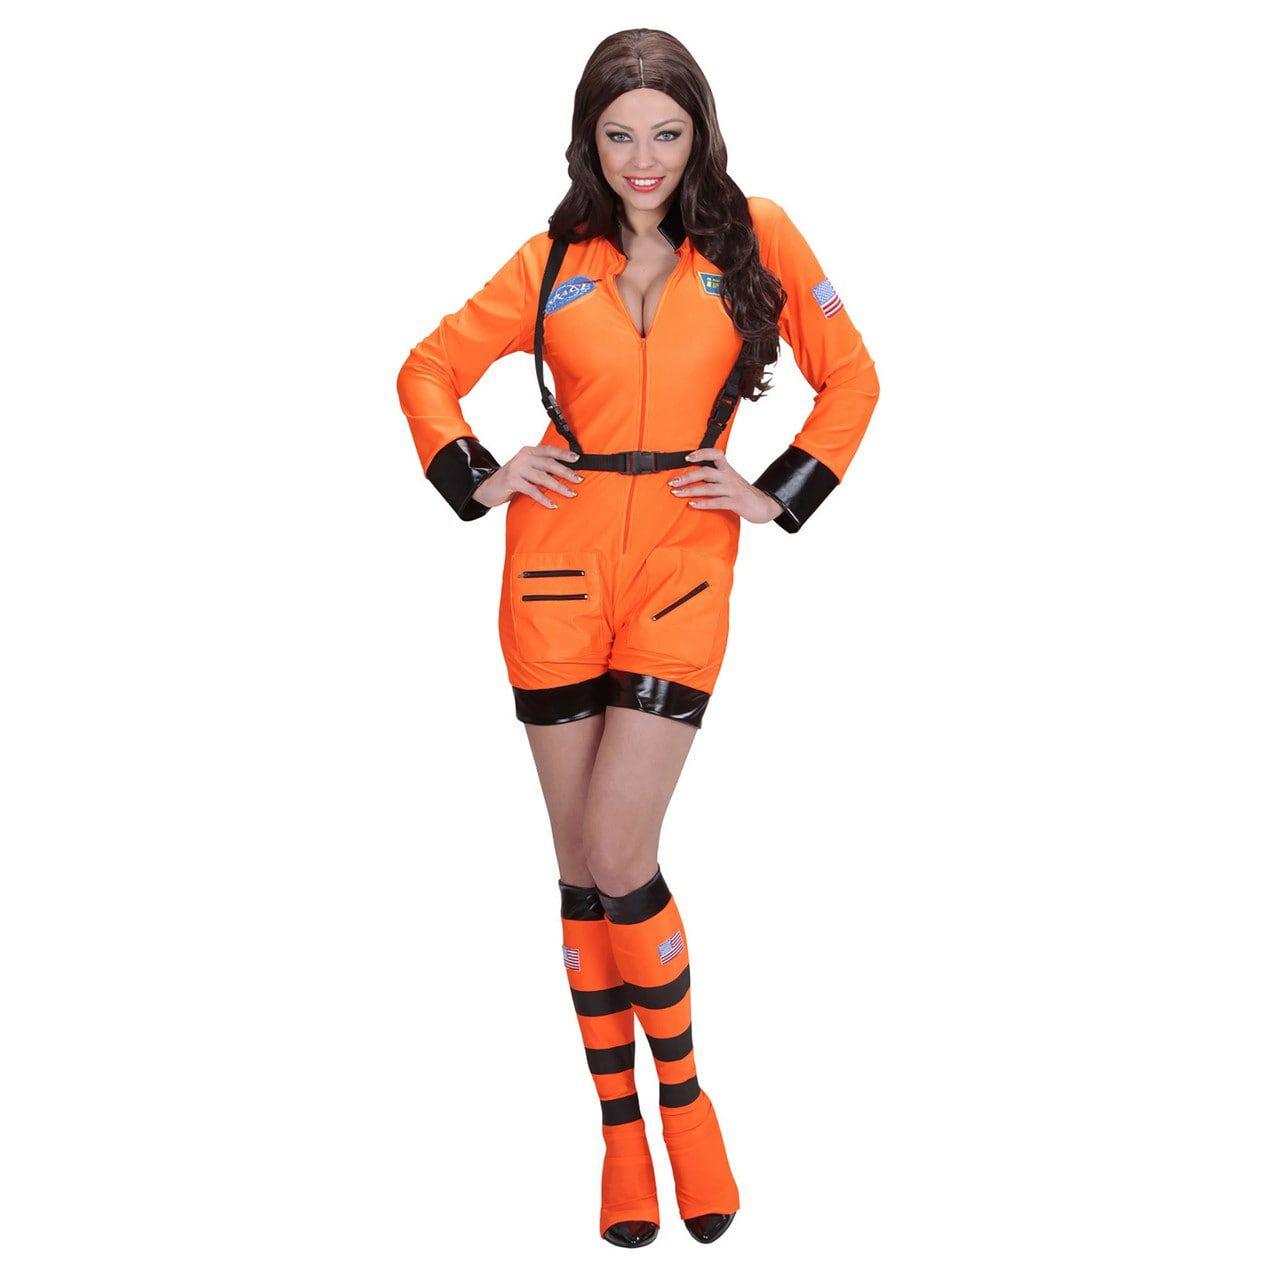 Vrouwelijke Astronaute Oranje Miss Iss Kostuum